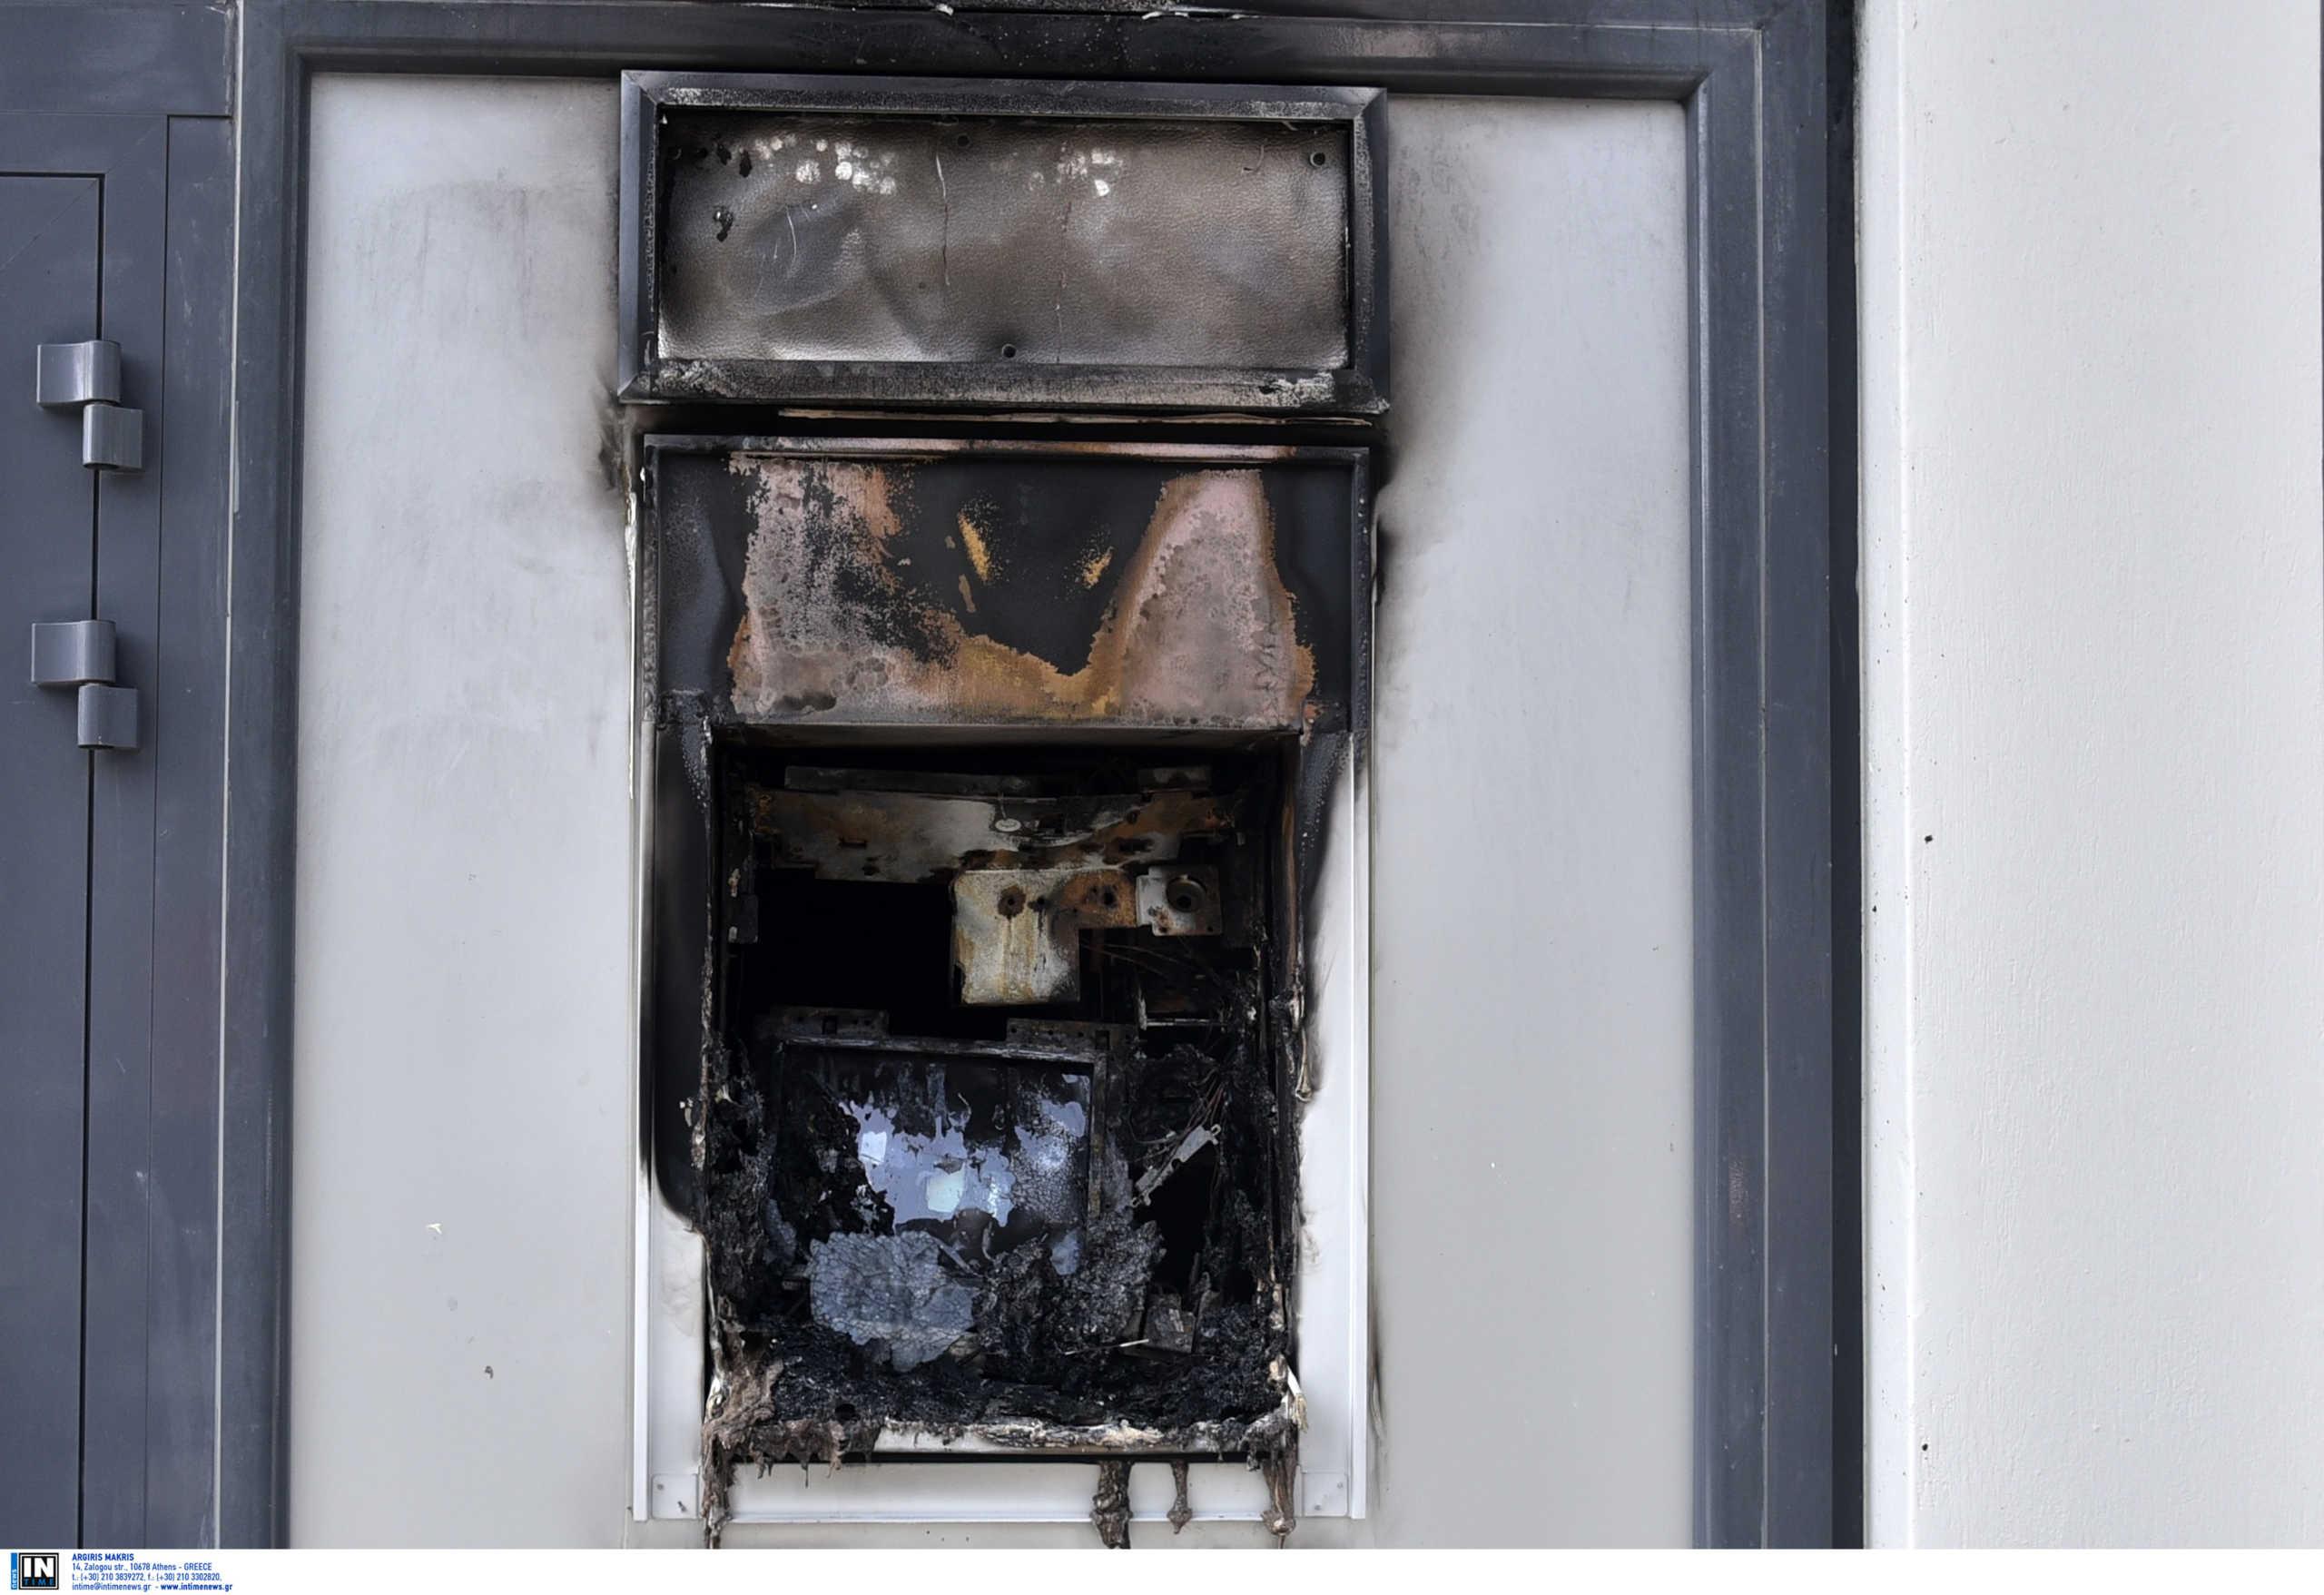 Ανάληψη ευθύνης για τις εμπρηστικές επιθέσεις σε σούπερ μάρκετ, ATM και εταιρείες κούριερ